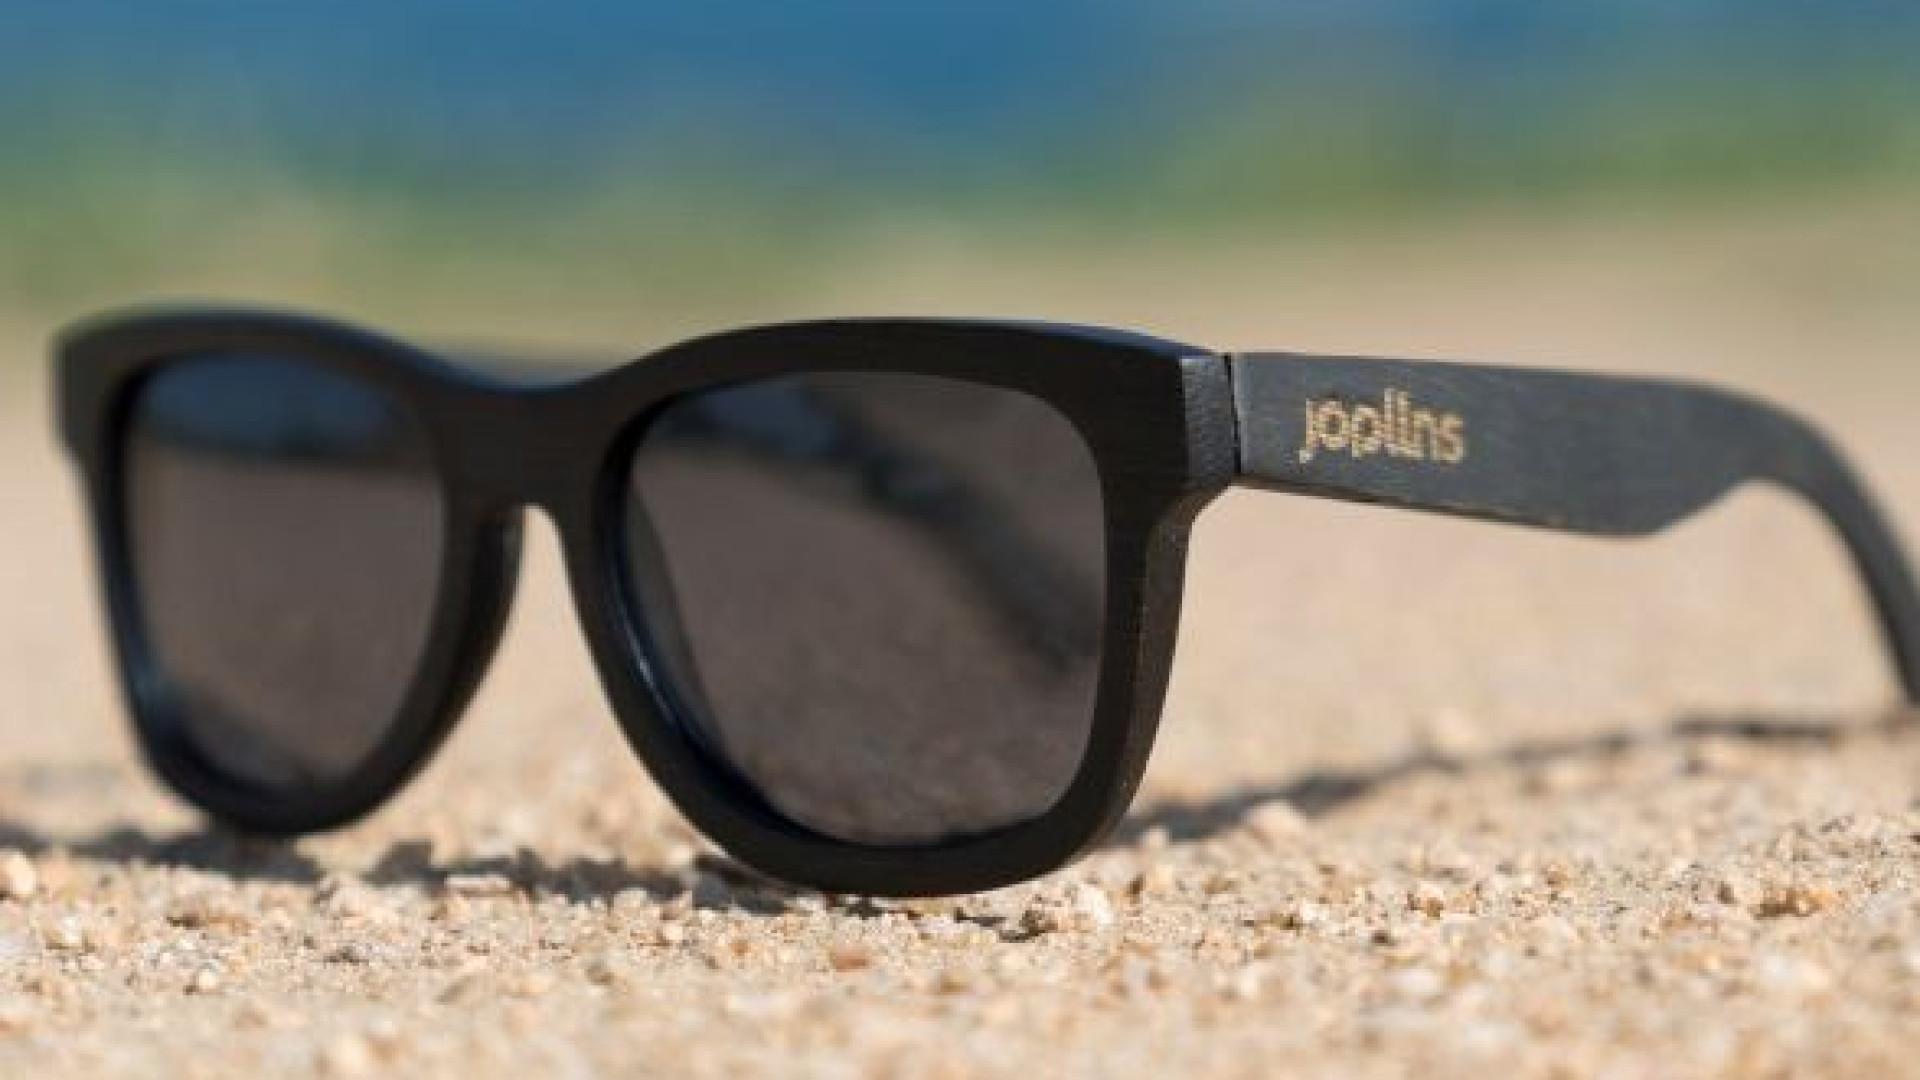 654a420d1 Estes óculos são portugueses, ecológicos e já garantiram o seu sucesso